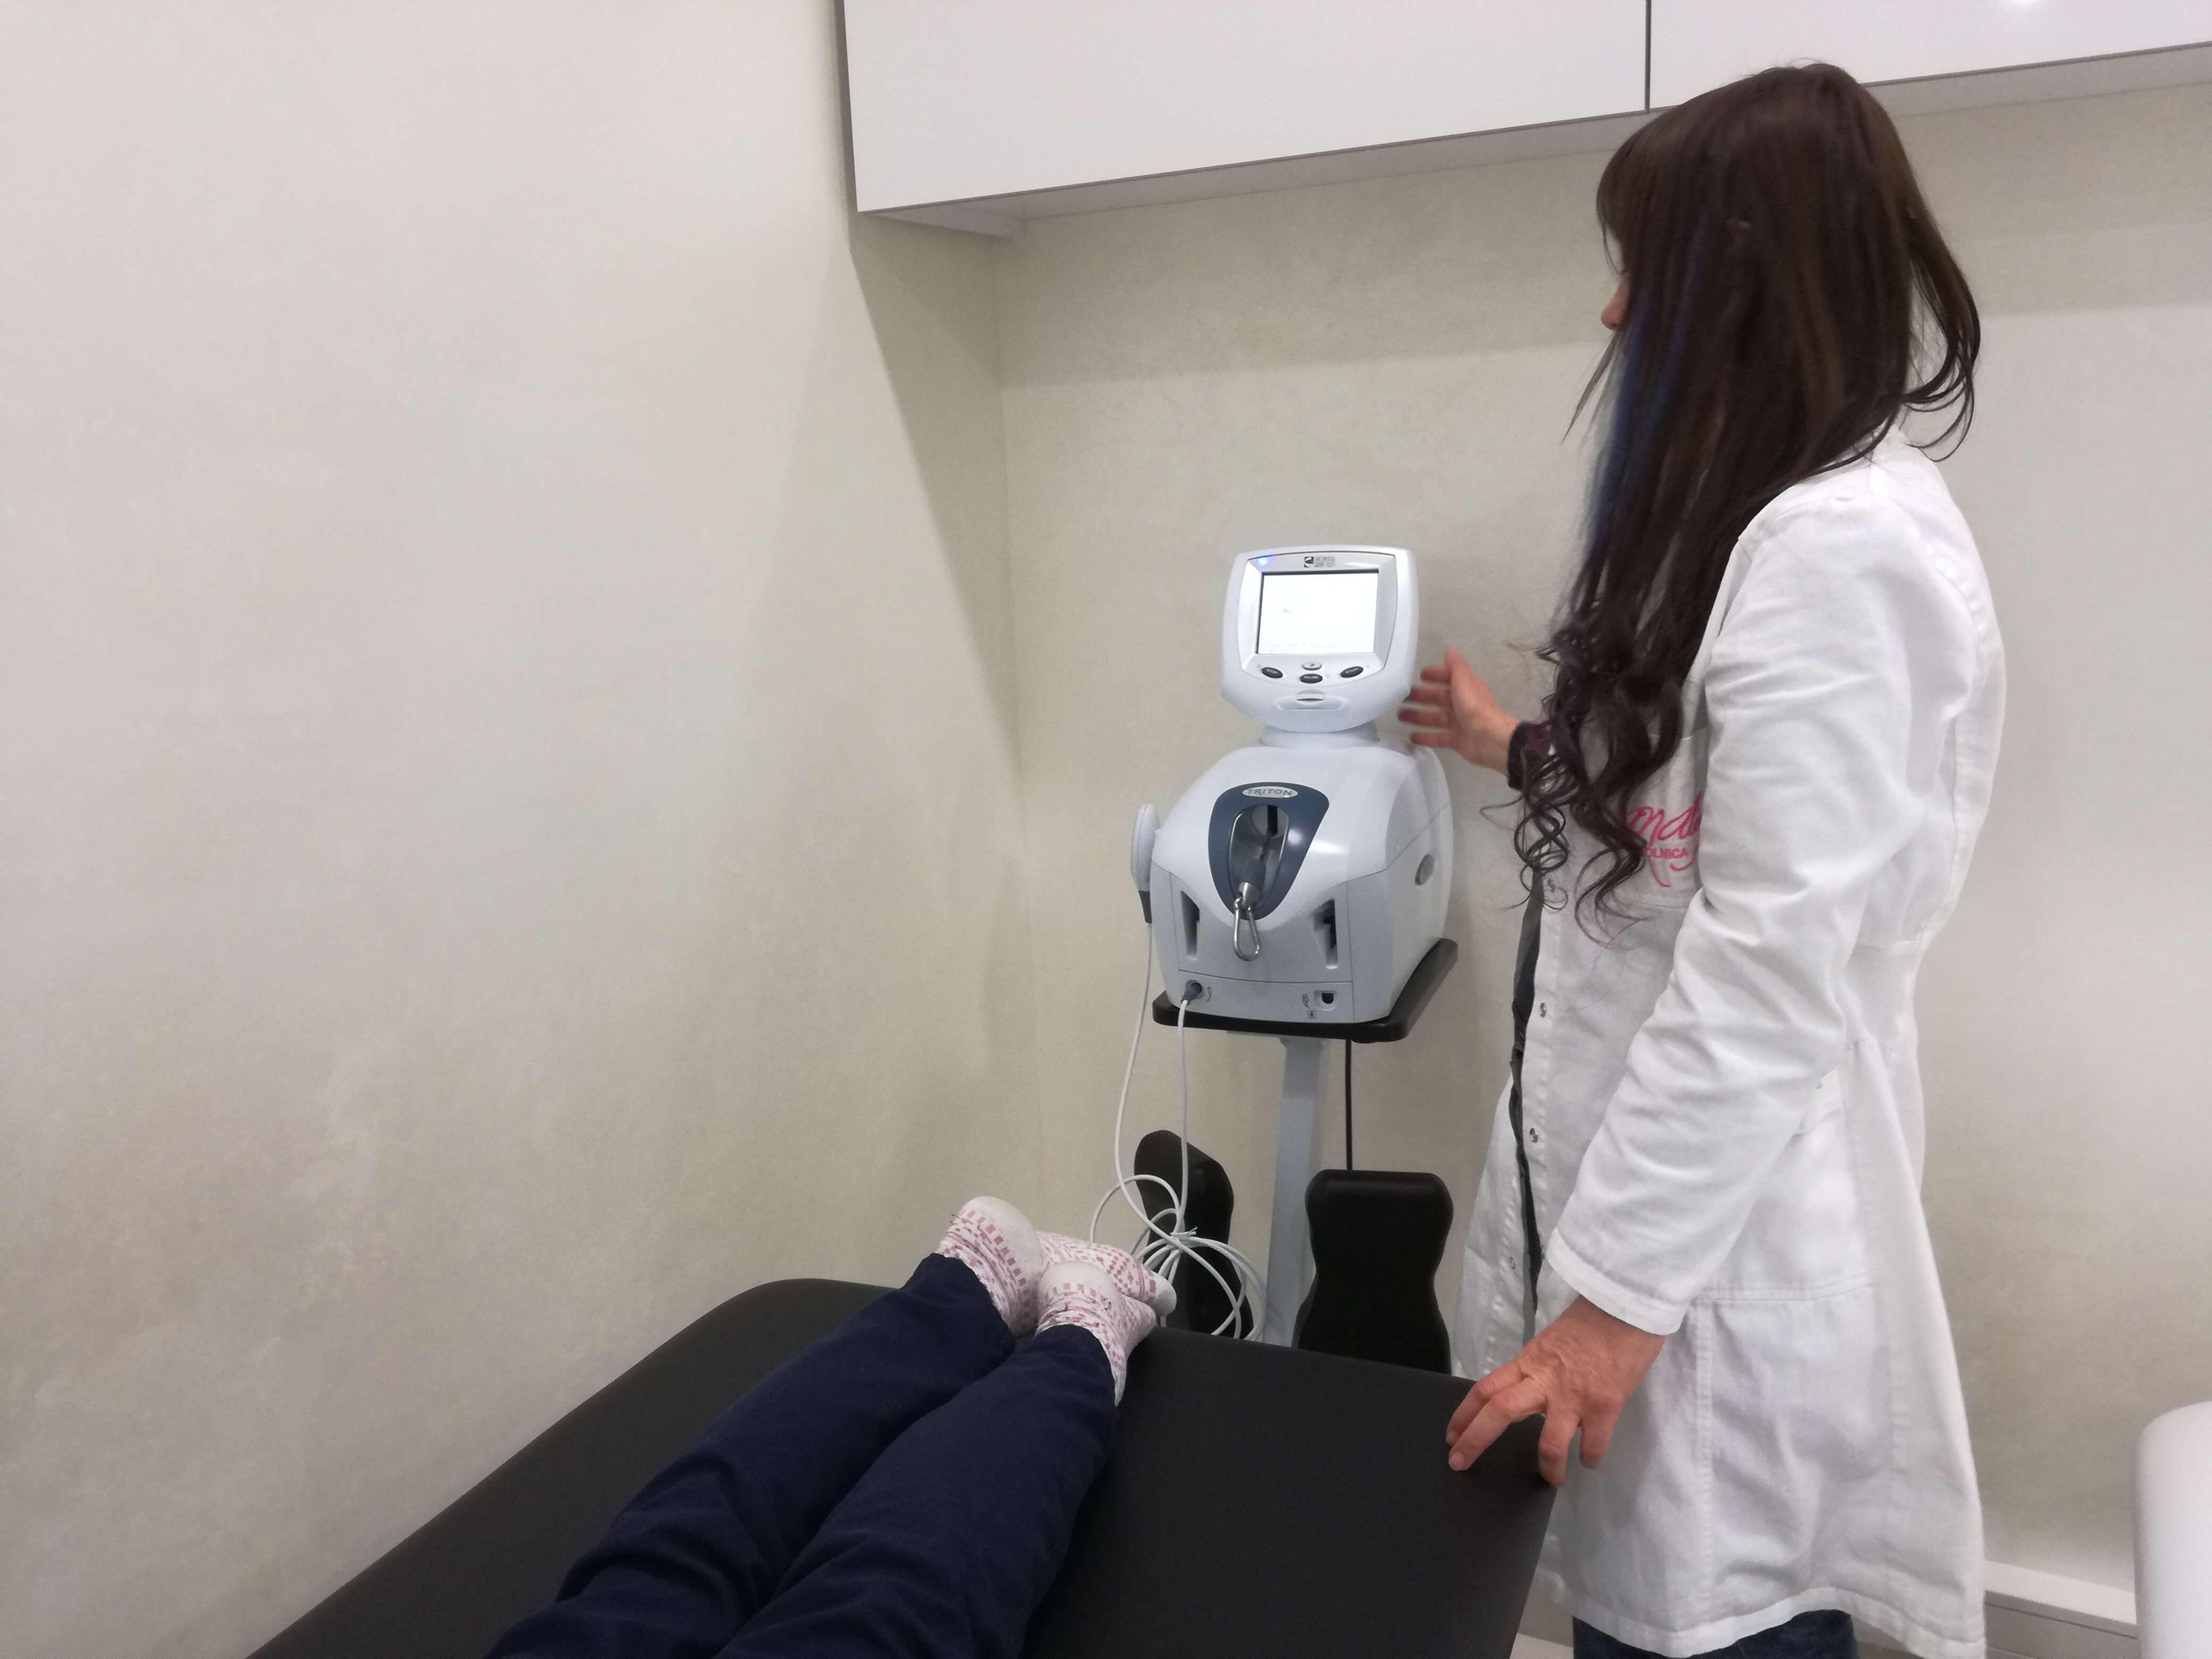 galite išgydyti 3 laipsnio hipertenziją Daktaras Amosovas apie hipertenziją